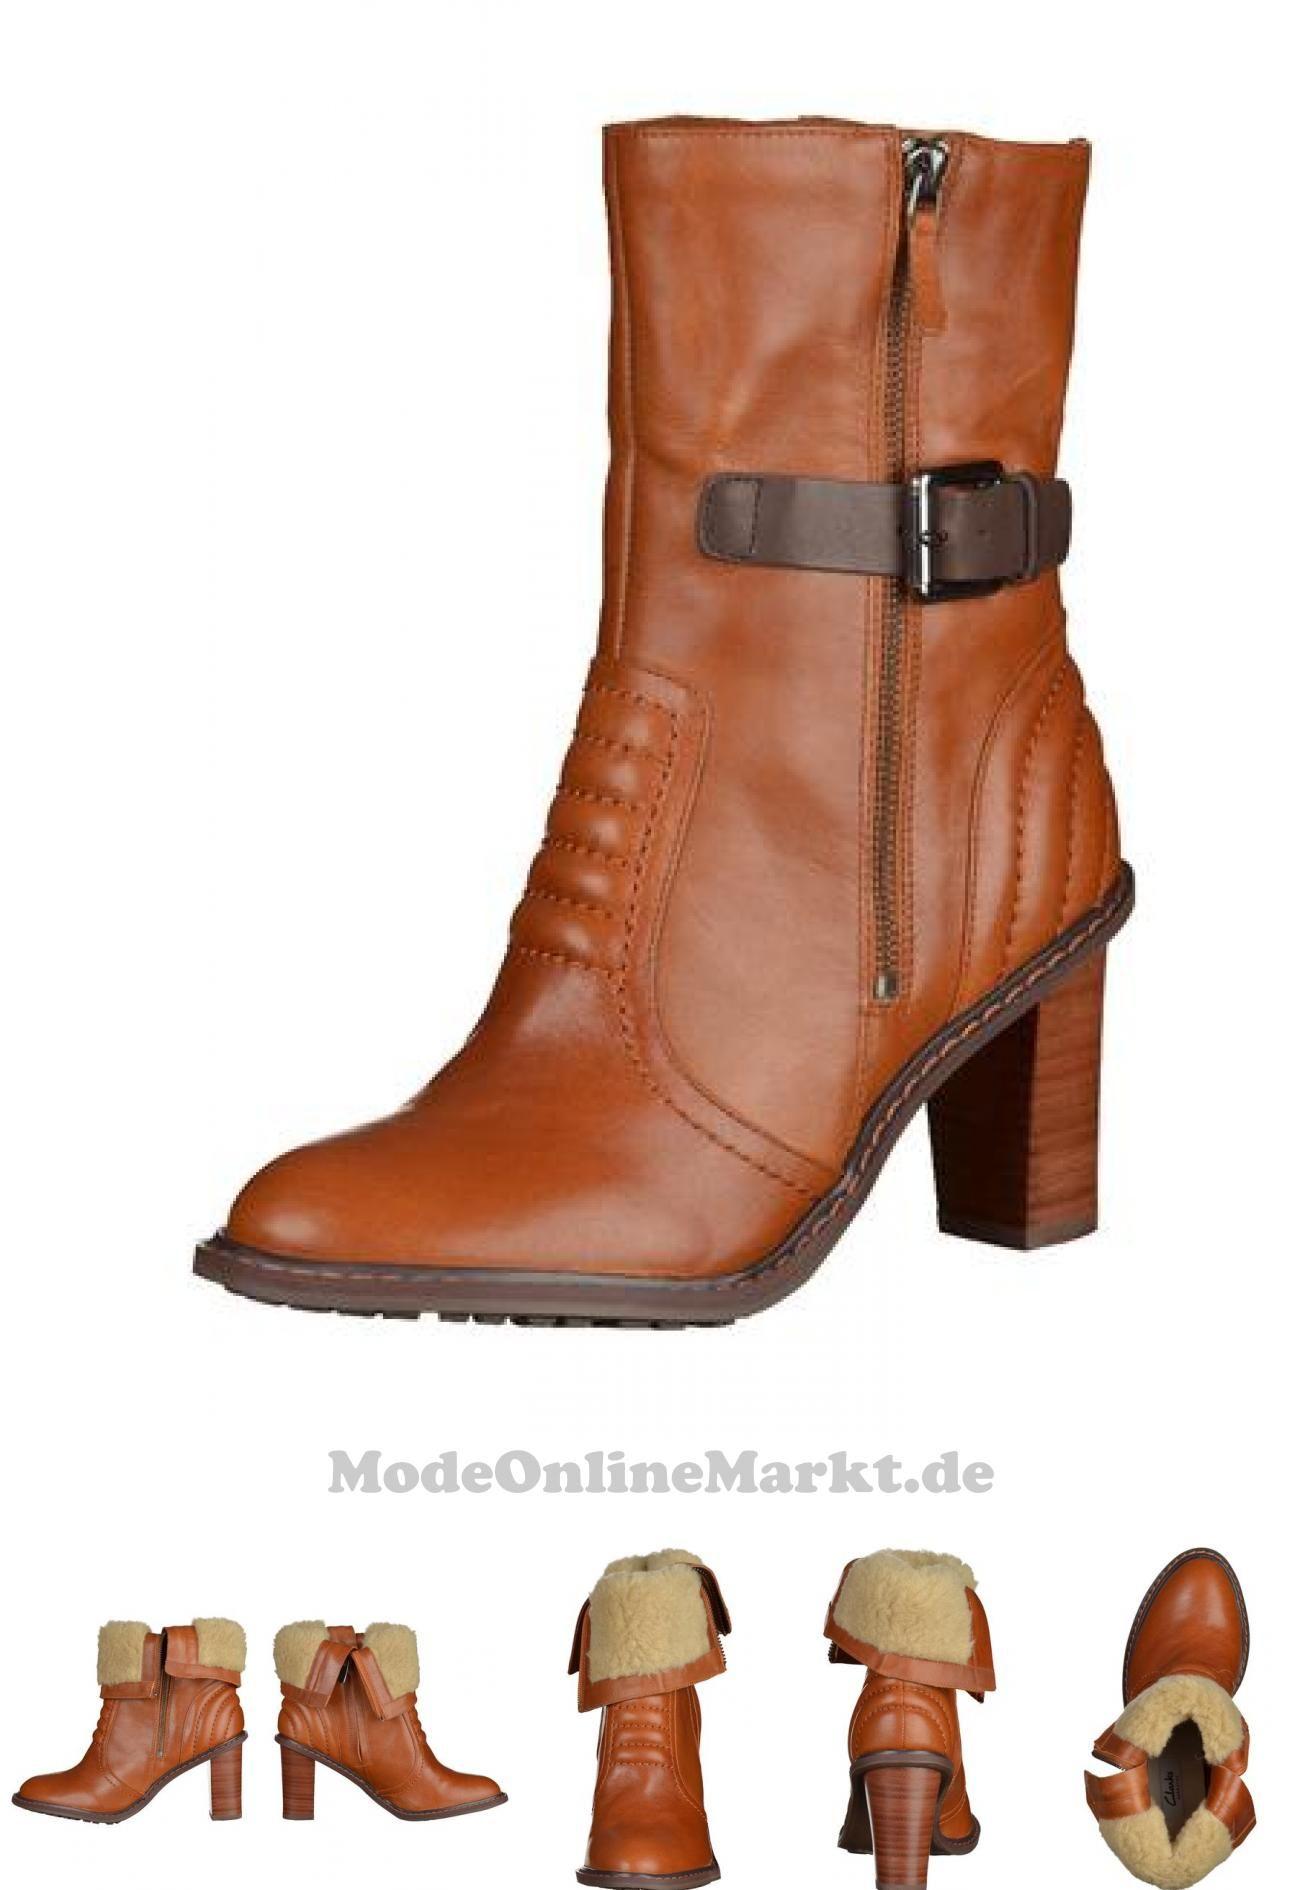 05051040533701 | #CLARKS #Damen #Stiefelette #braun